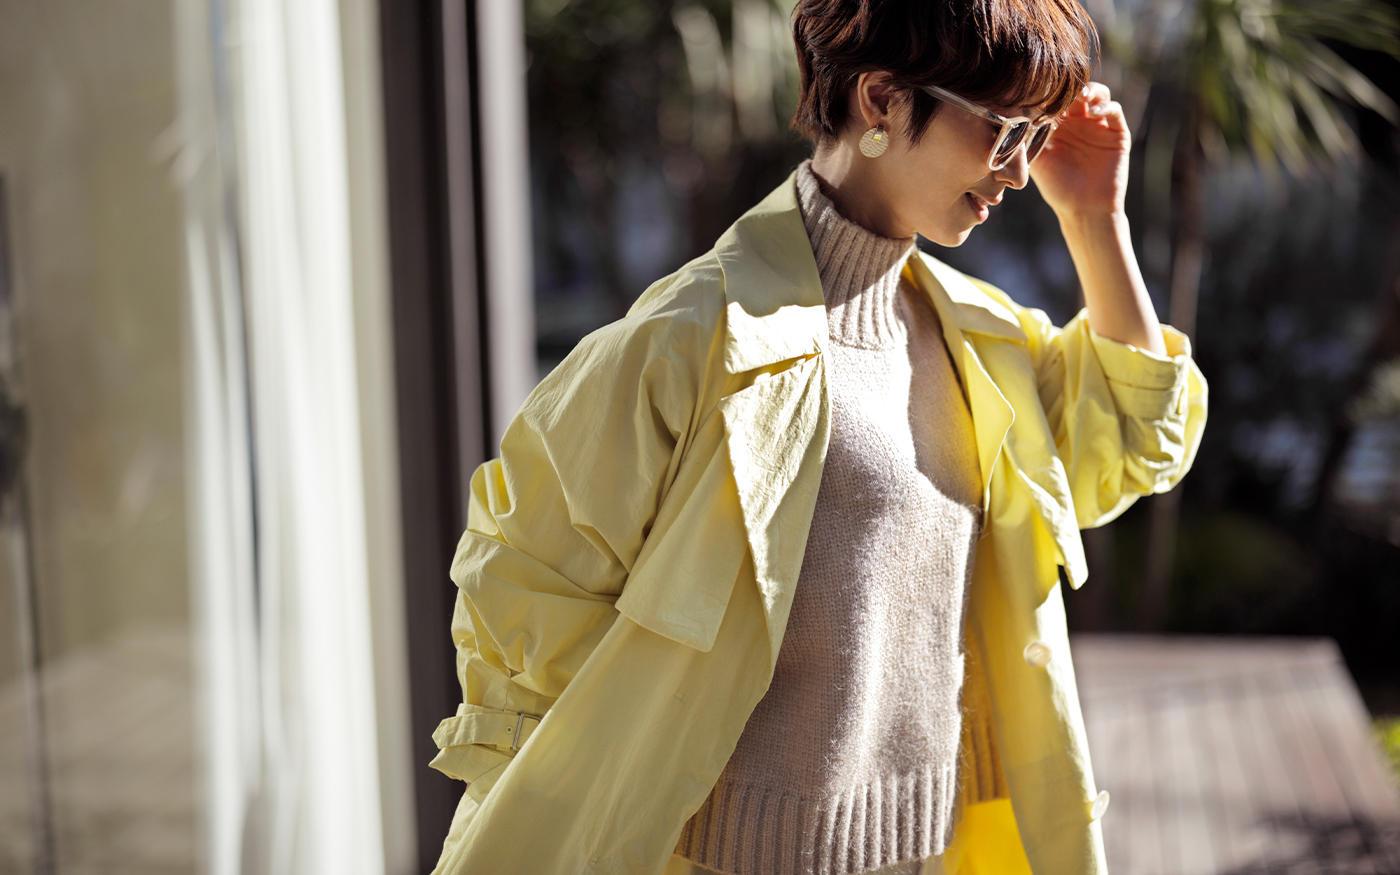 「SANYO Style MAGAZINE」のブランドピックアップにて、SANYOCOATが紹介されています!